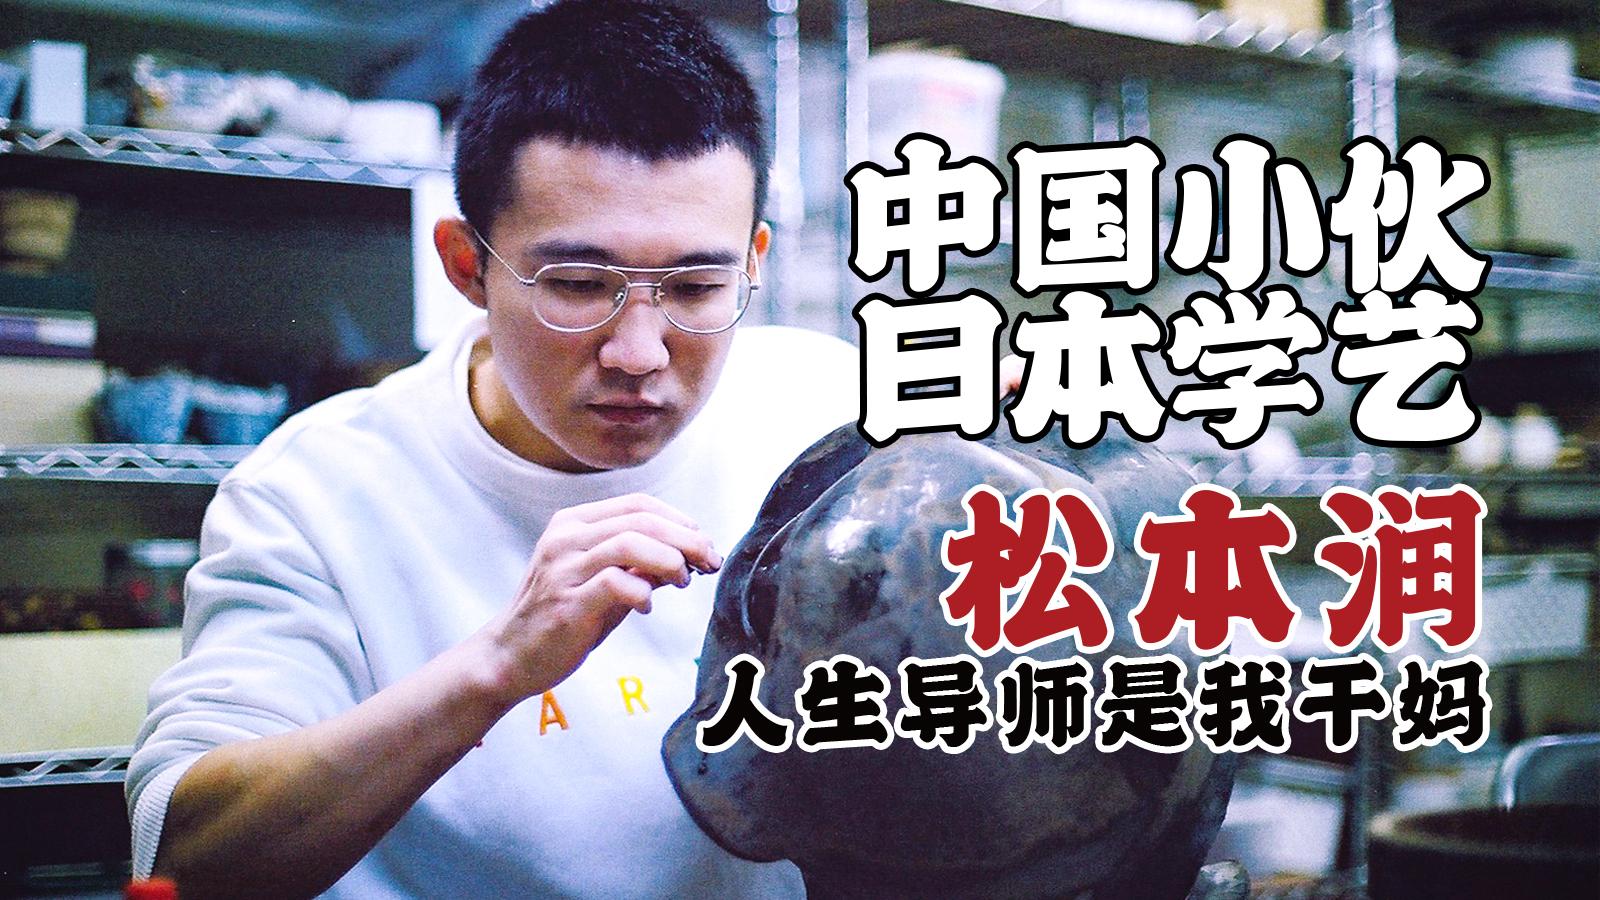 松本润的人生导师为干妈,百年品牌待他继承,但他的世界很安静